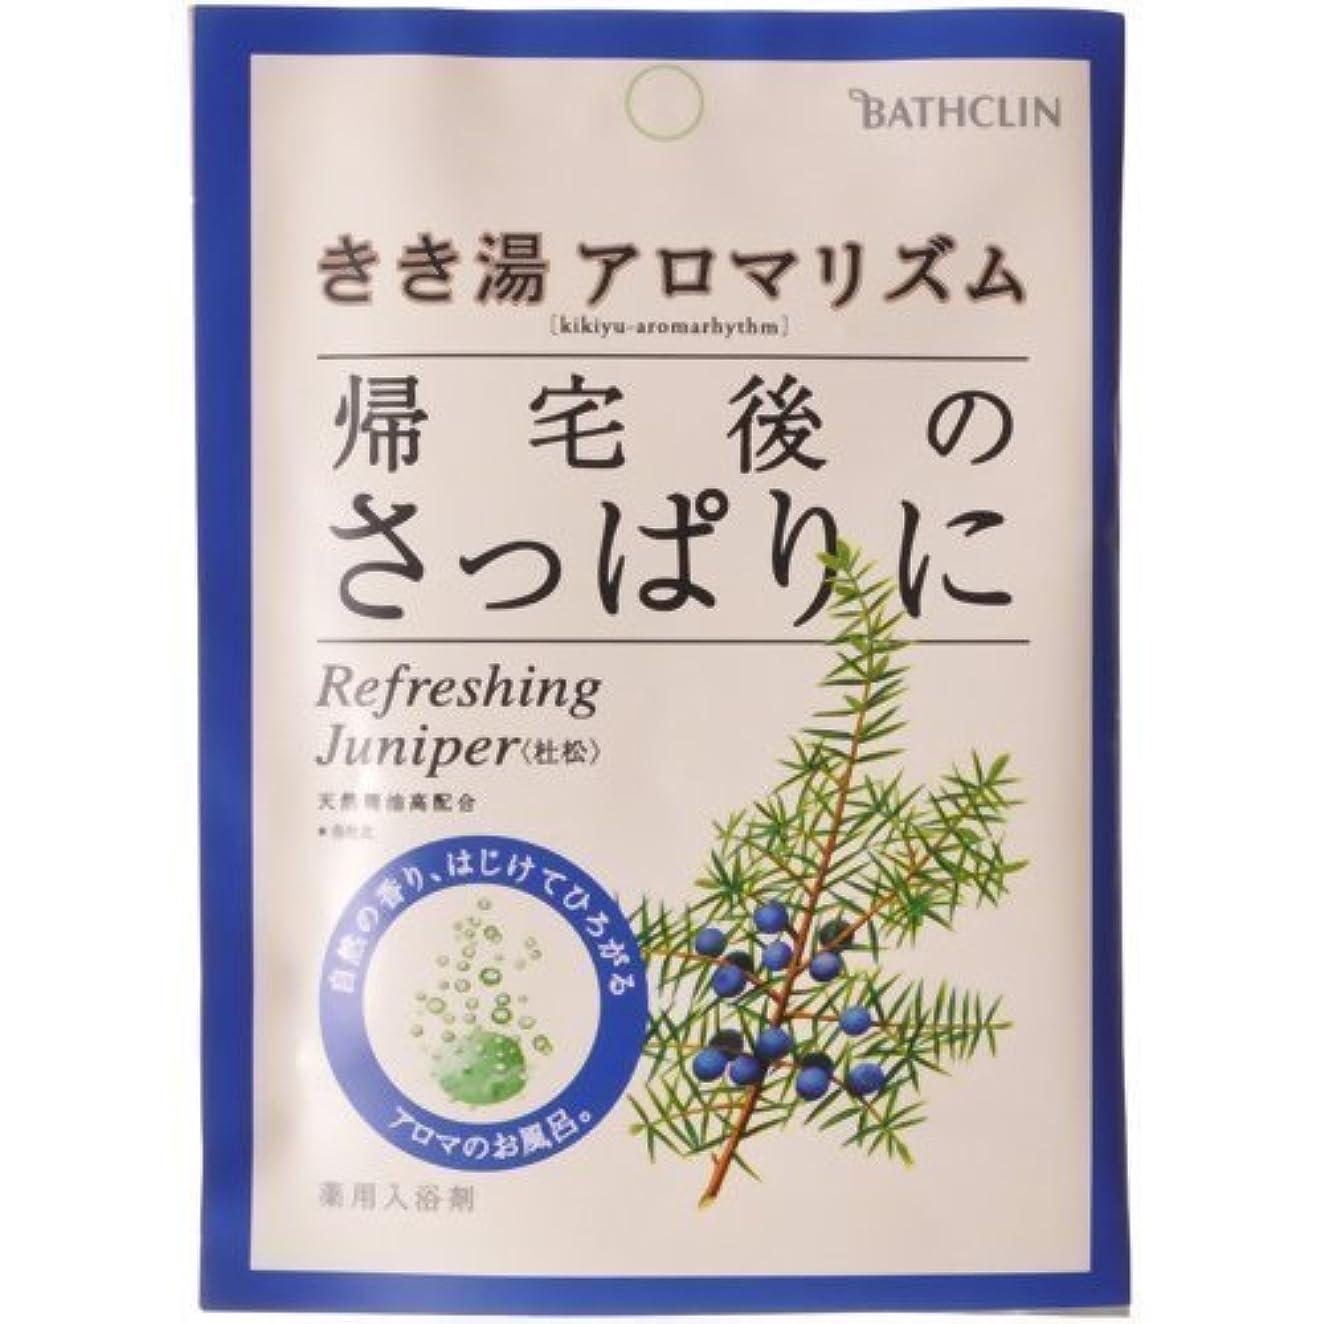 常習者クラシカル時代遅れきき湯 アロマリズム リフレッシュジュニパーの香り 30g